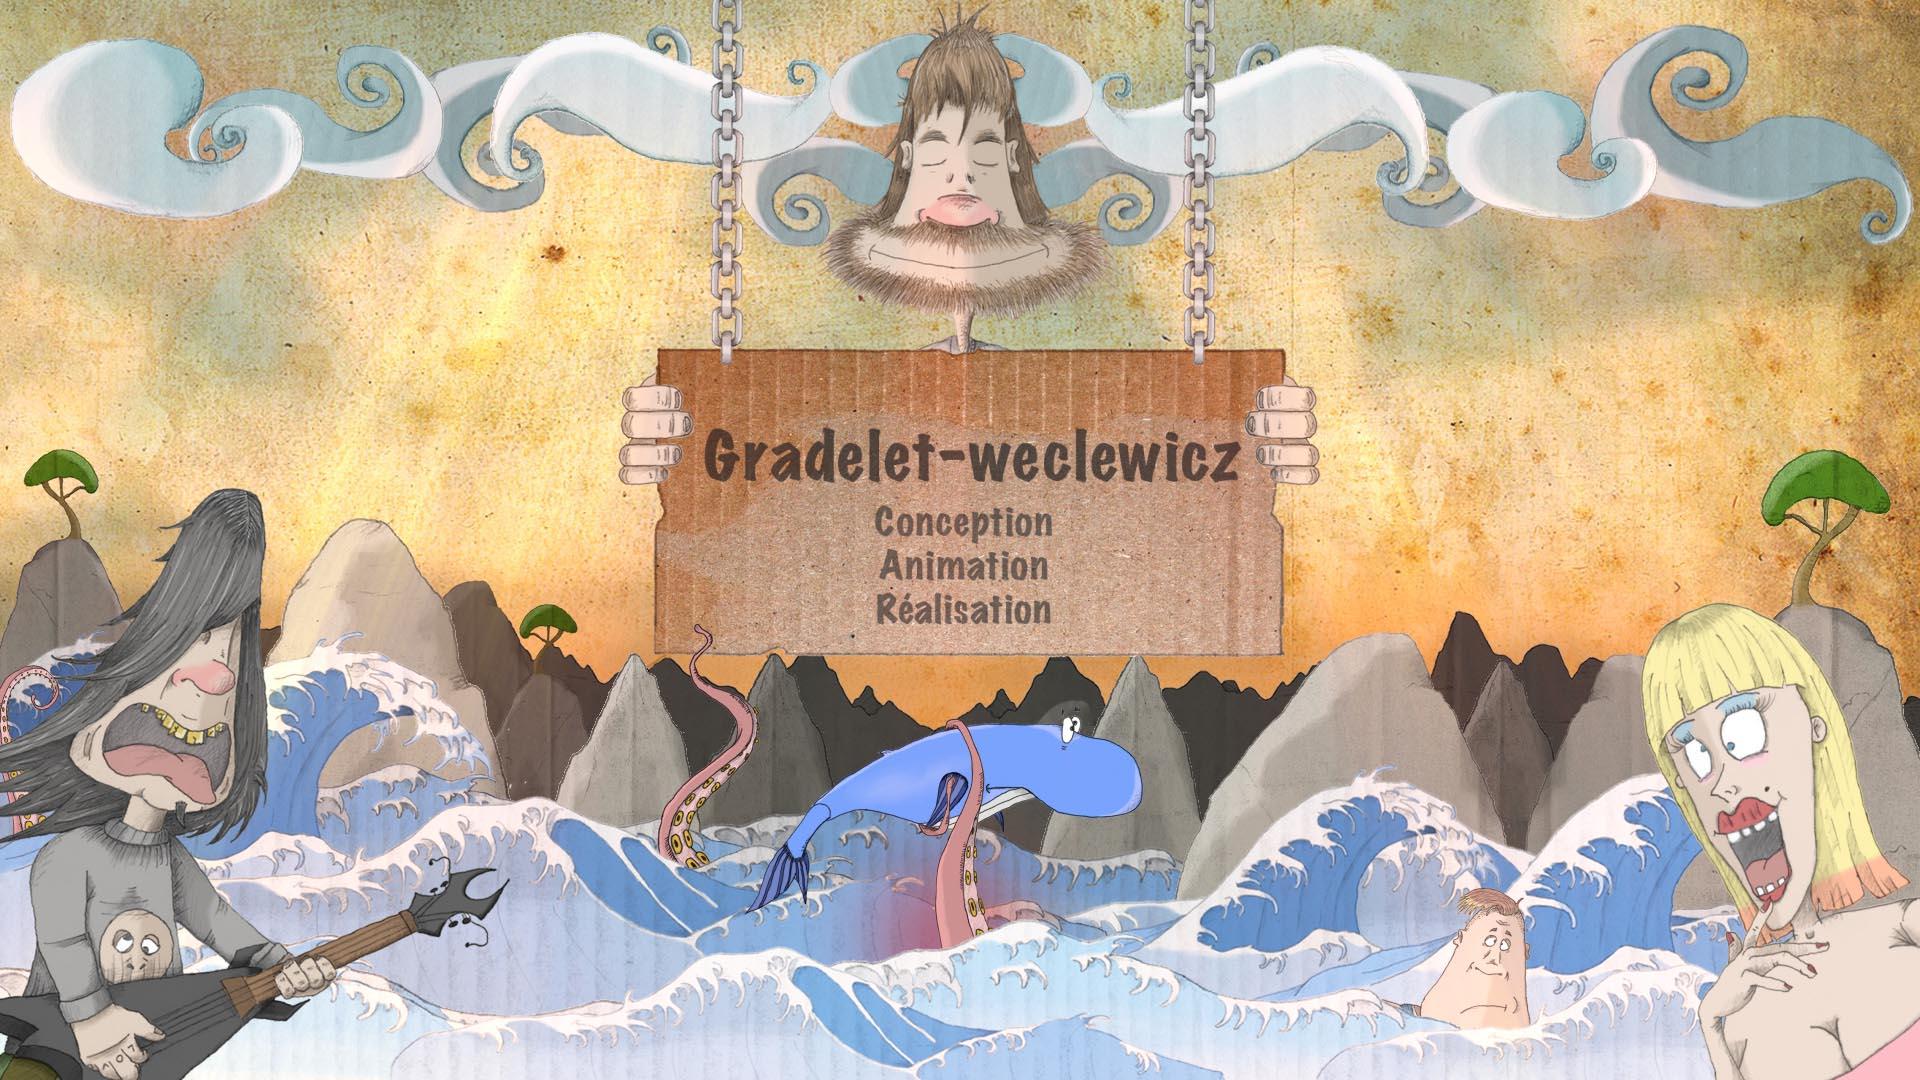 Home Page de Philippe Gradelet et Aline Weclewicz